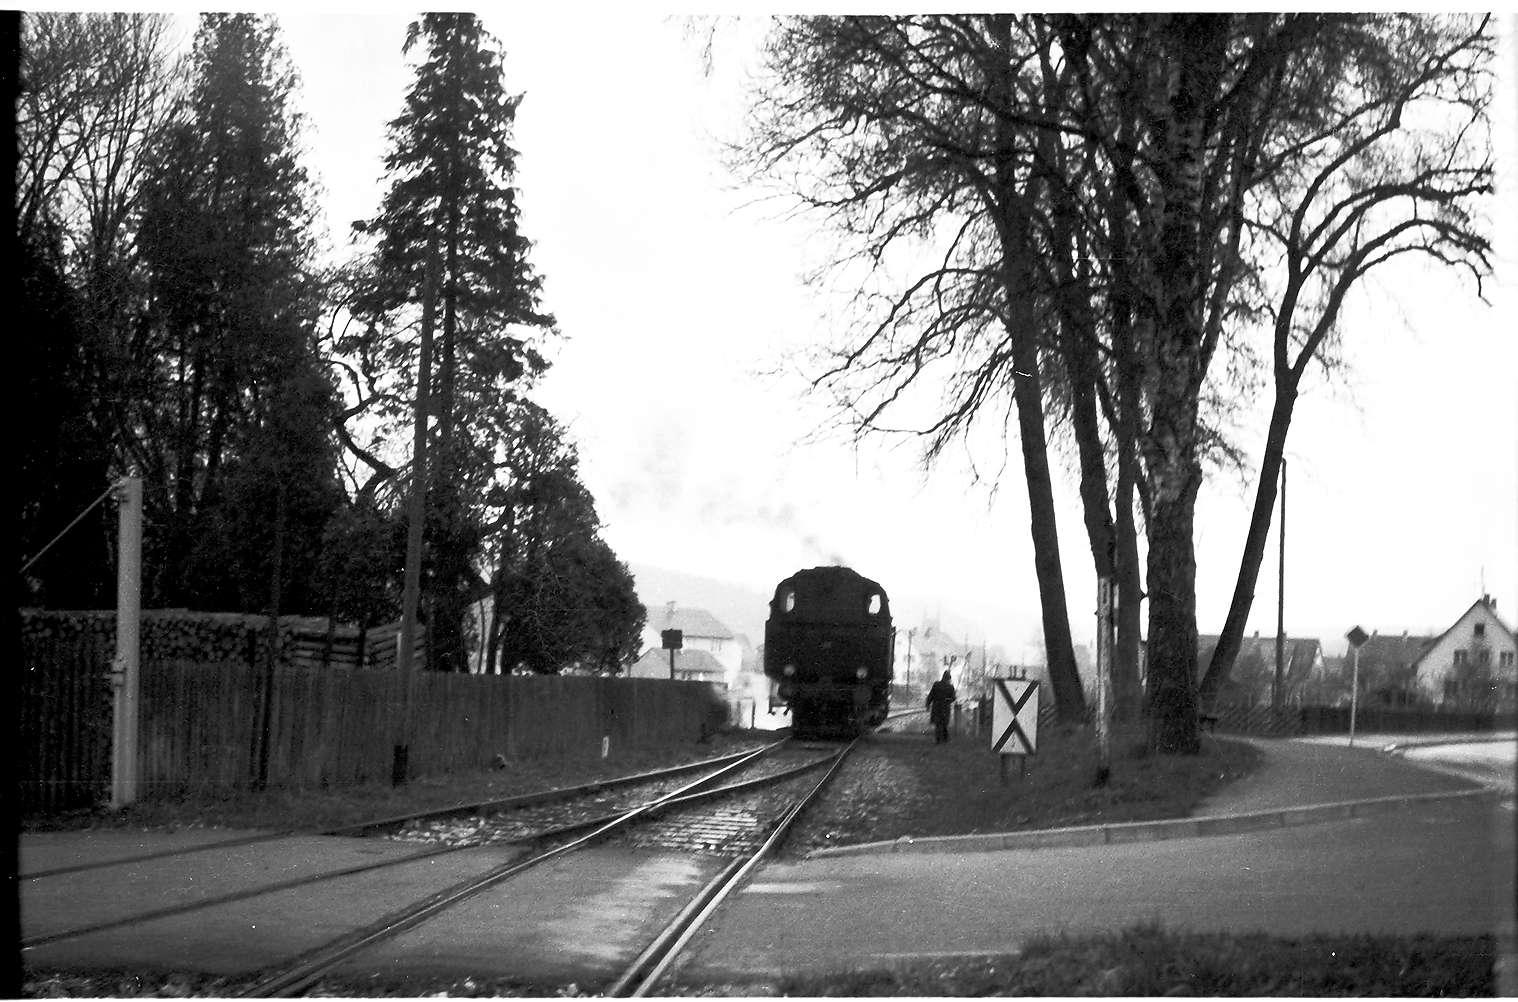 Lok 15, Güterzug 313, Strecke Laucherthal - Sigmaringendorf, Vorsignalbacke vom Bahnhof Sigmaringendorf, Bild 1